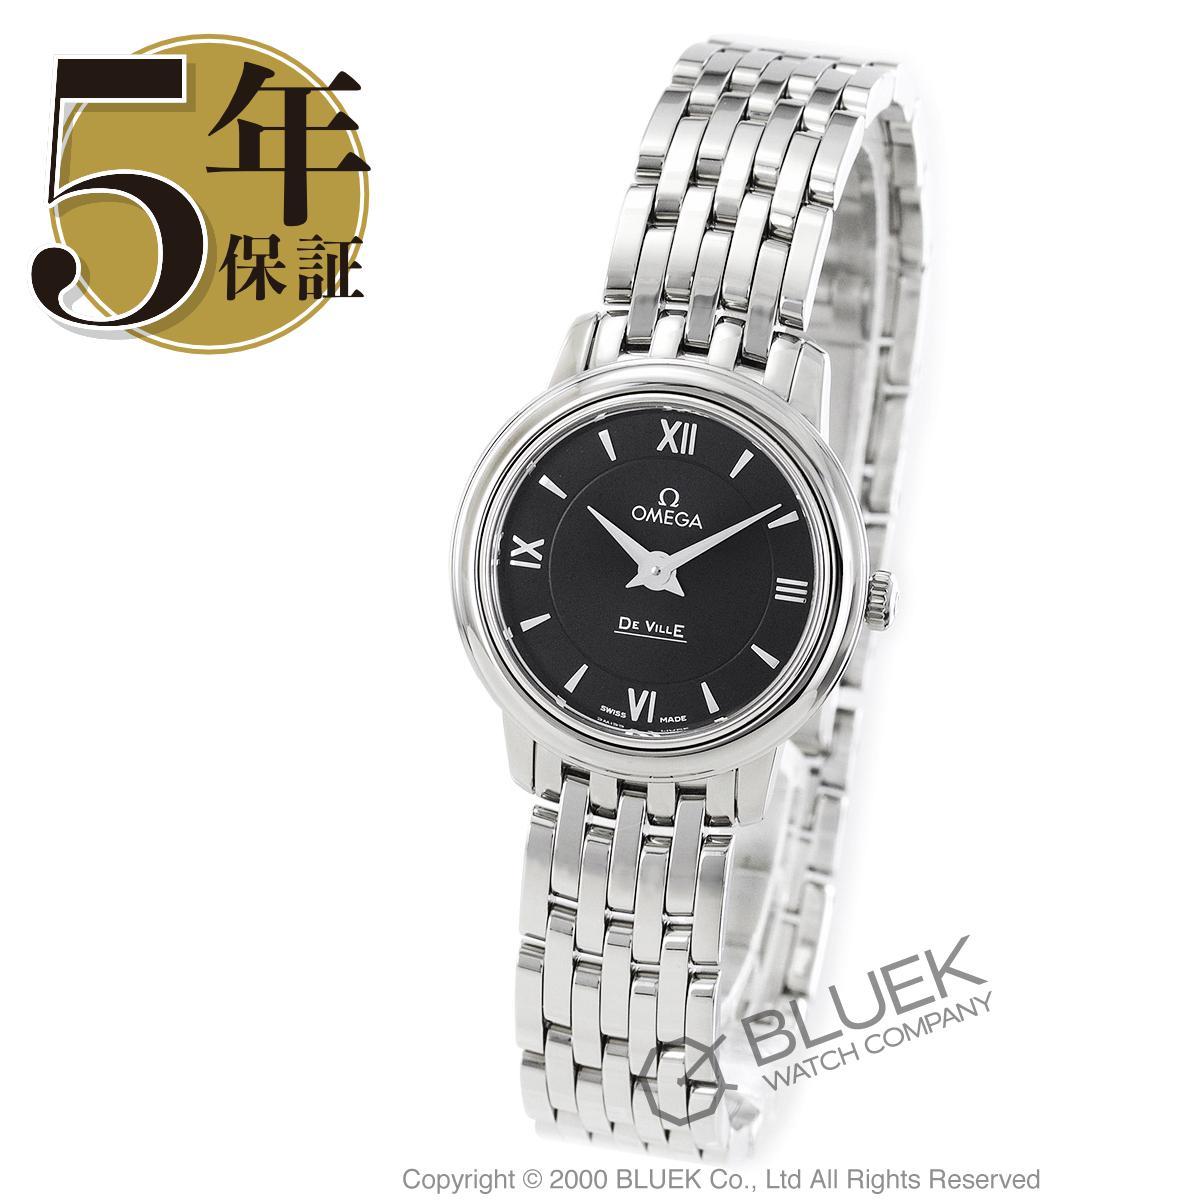 オメガ OMEGA 腕時計 デビル プレステージ レディース 424.10.24.60.01.001_8